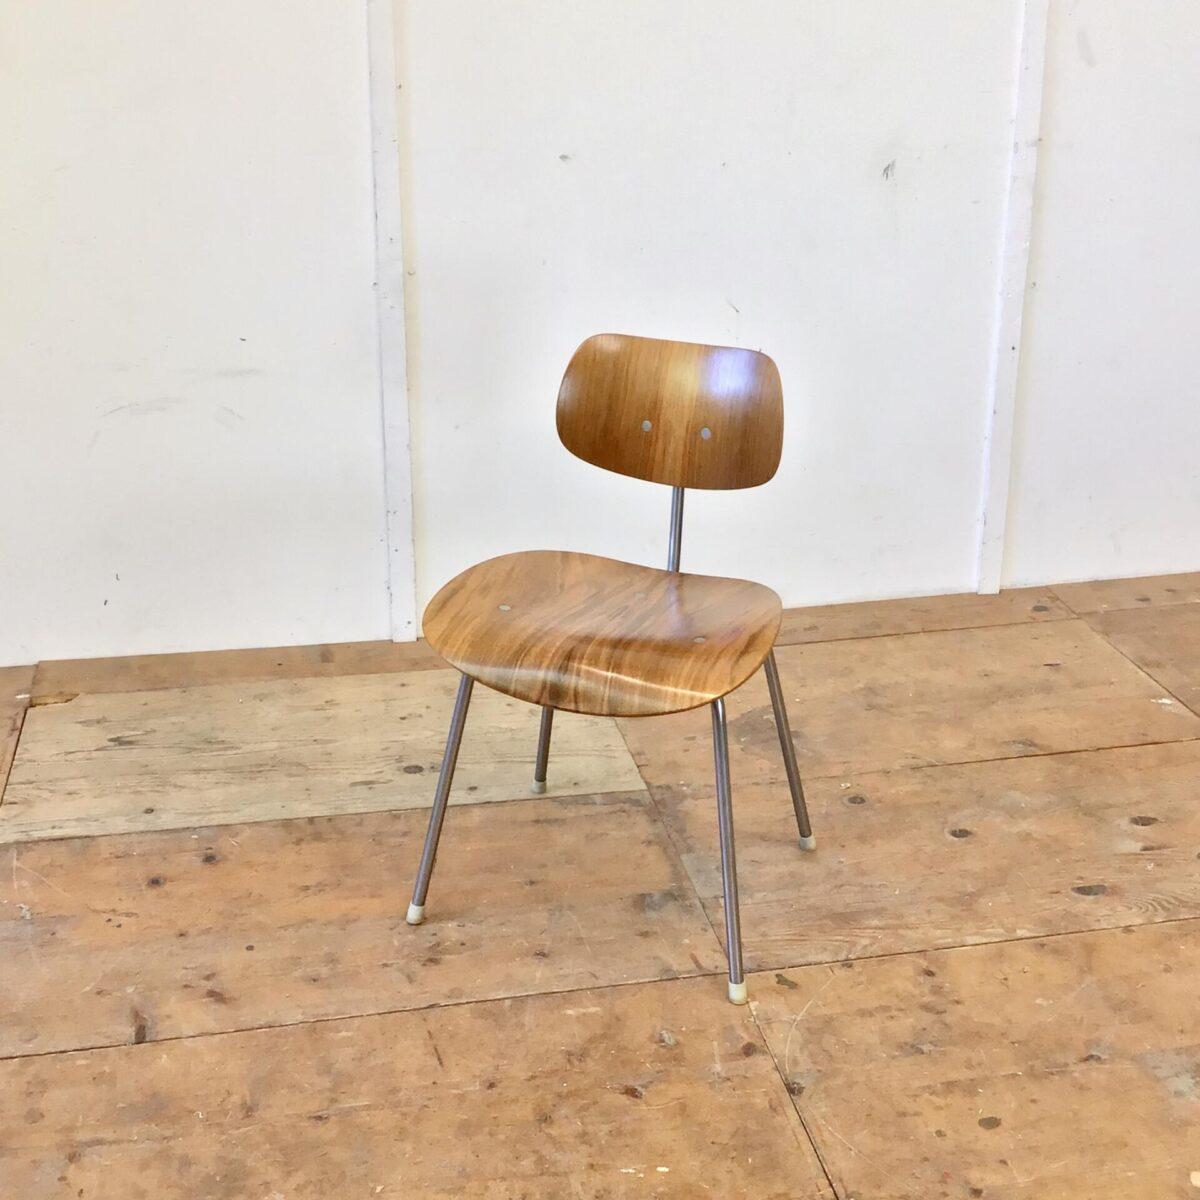 Vintage Stuhl Designklassiker. Schön erhaltener SE 68 Stapelstuhl von Egon Eiermann für Wilde + Spieth aus den 60er Jahren. Sitz und Lehne Nussbaum Furnier. Metall Gestell verchromt, altersbedingt leicht matt.